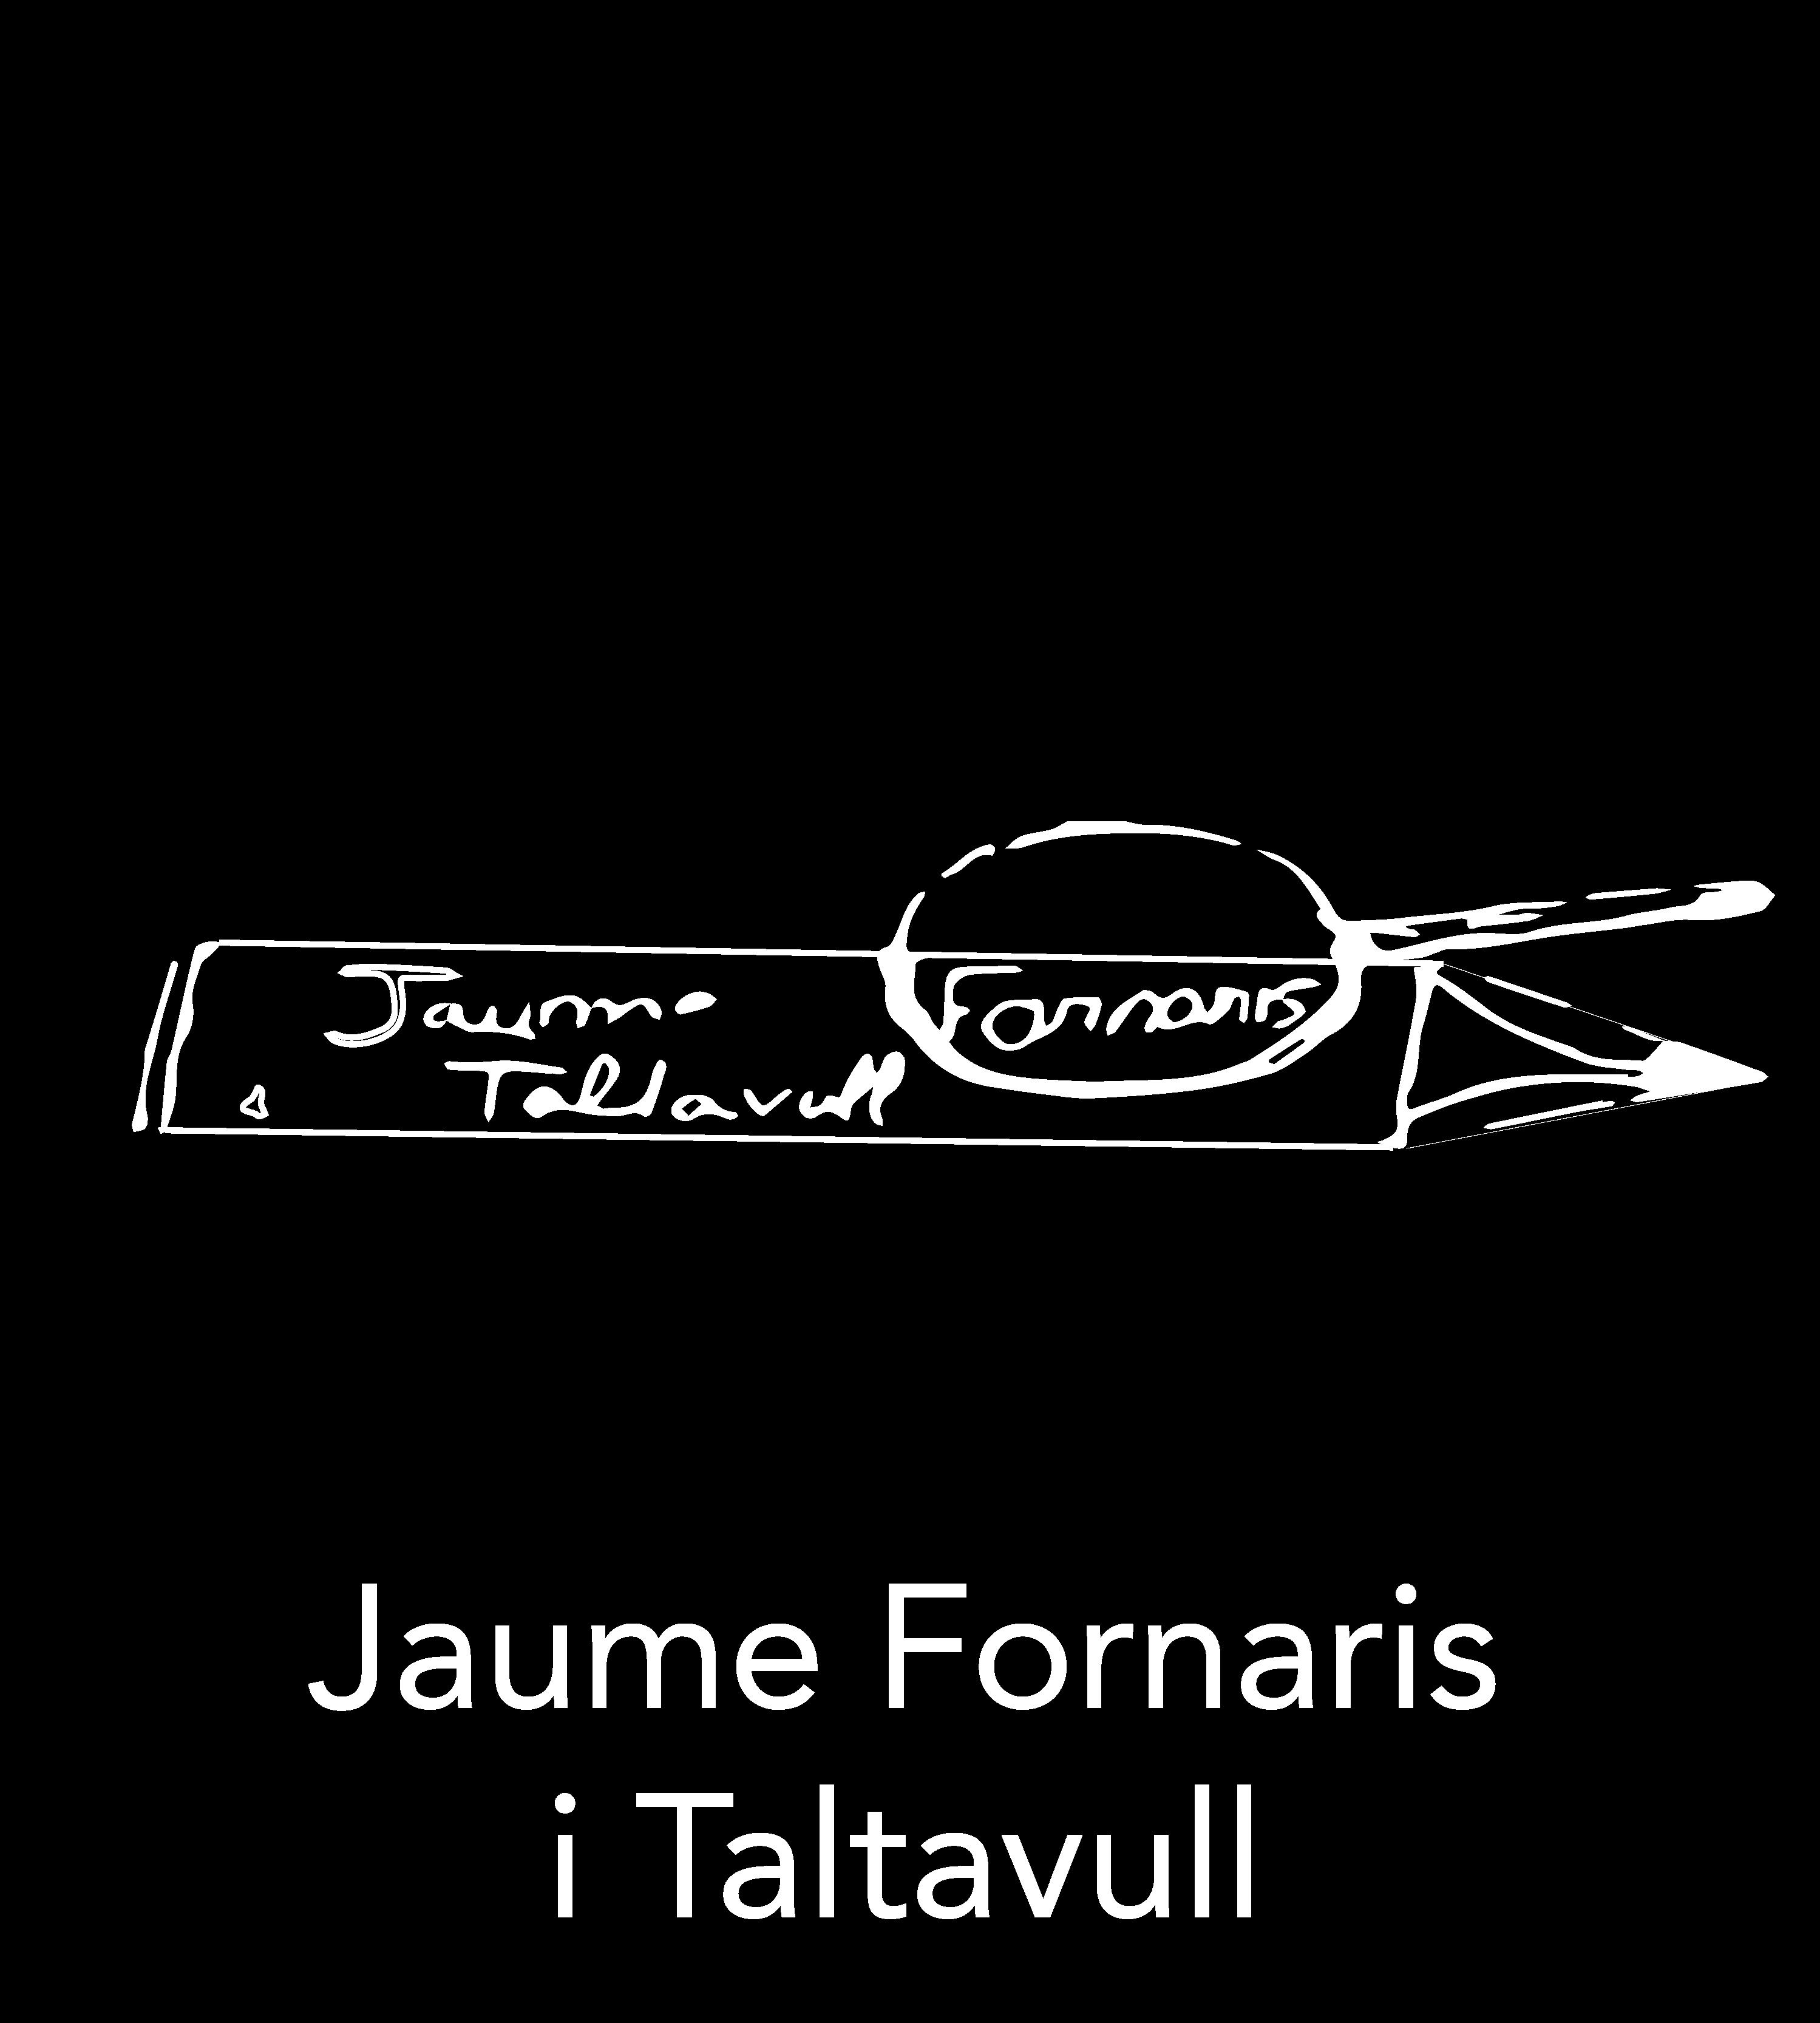 Logo Jaume Fornaris i Taltavull